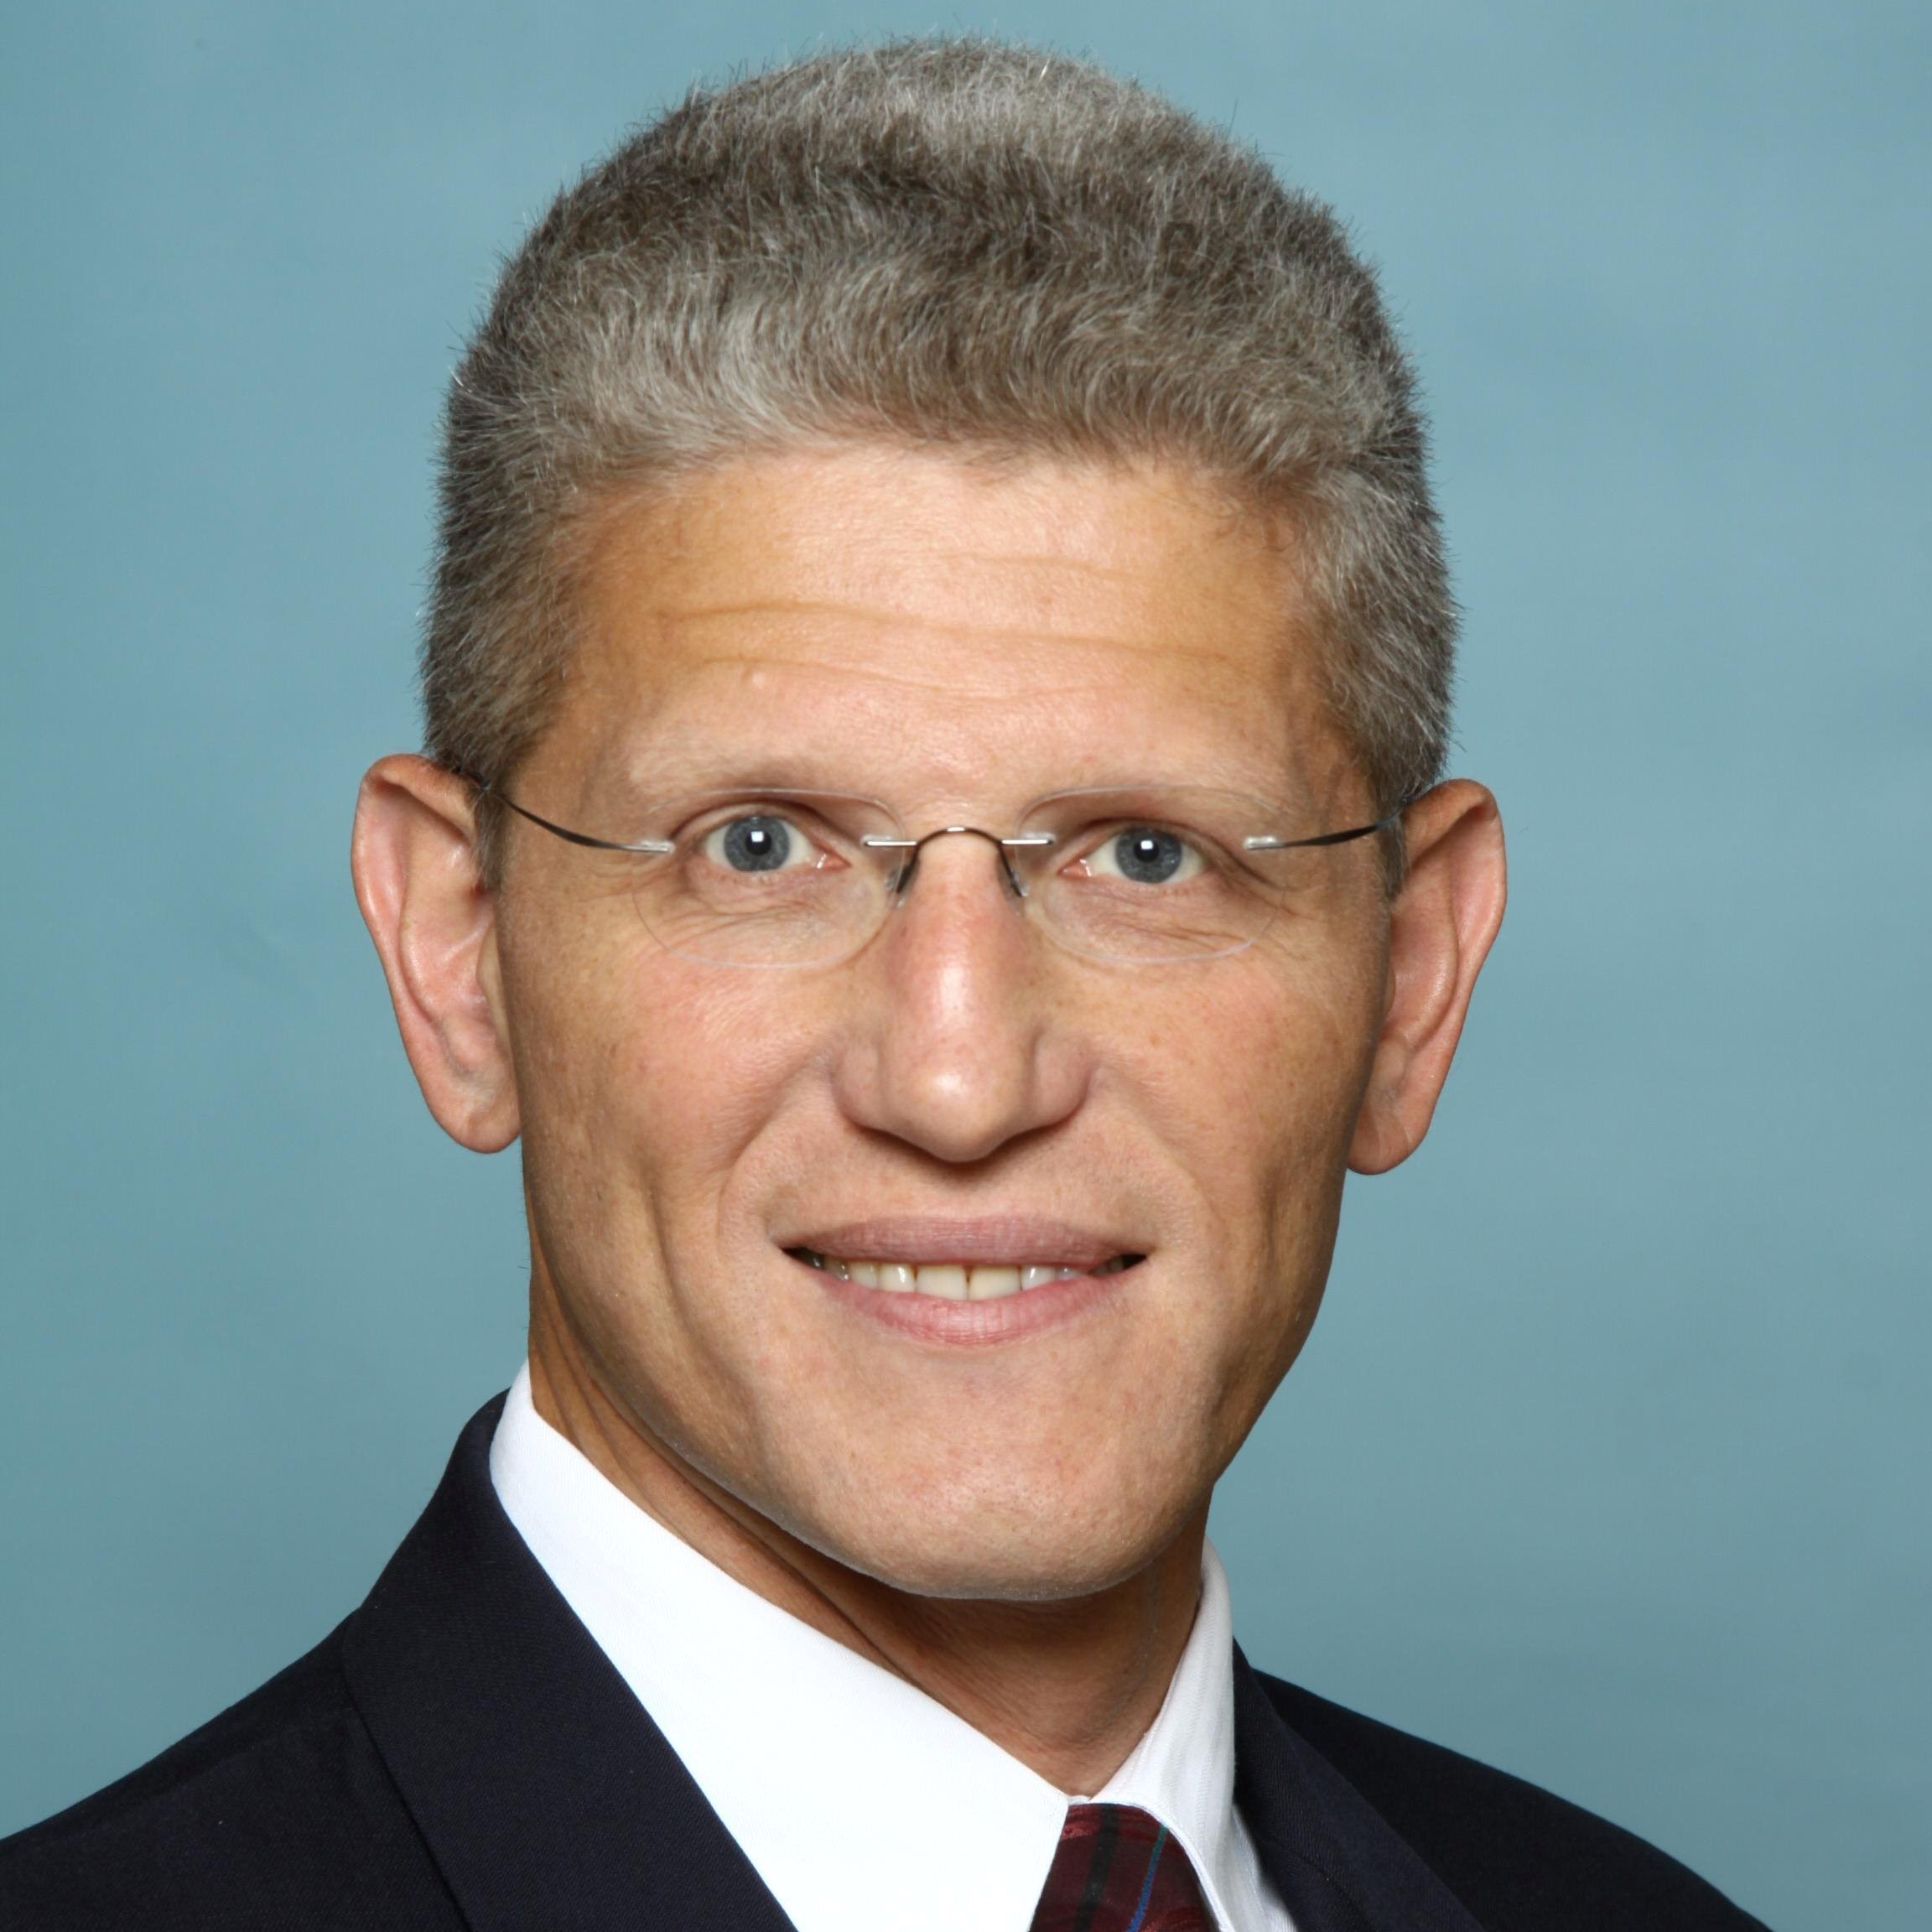 Michael Isaaev